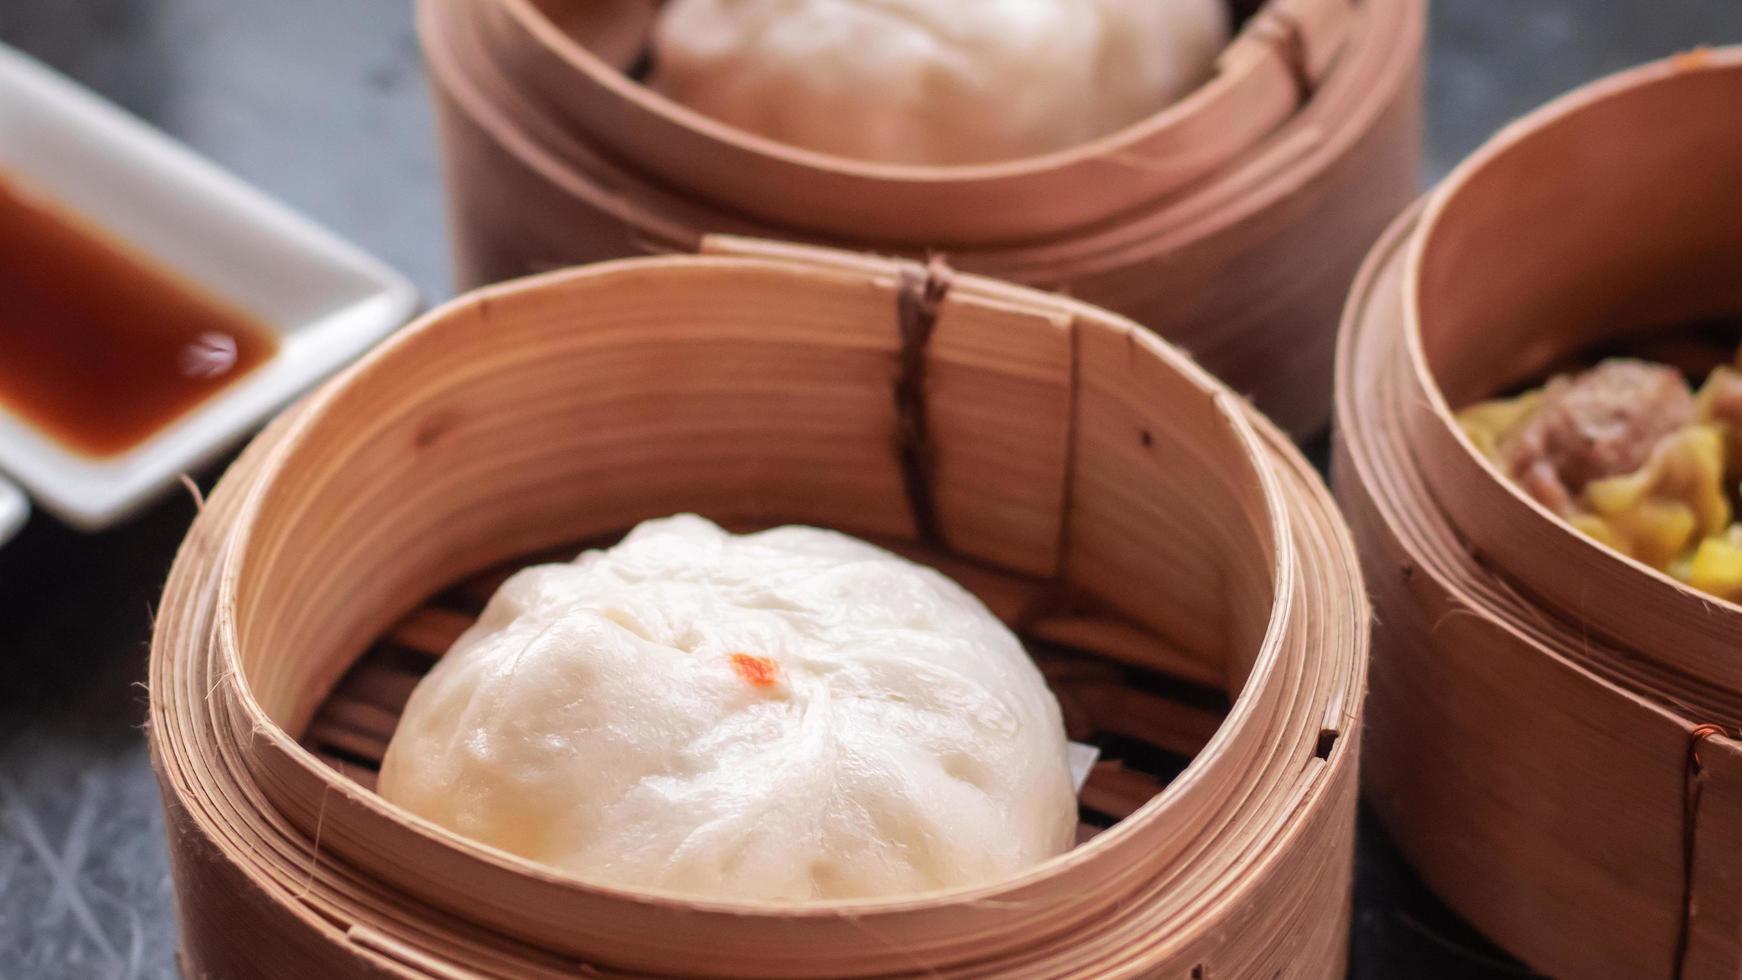 panini di maiale barbecue cinese foto